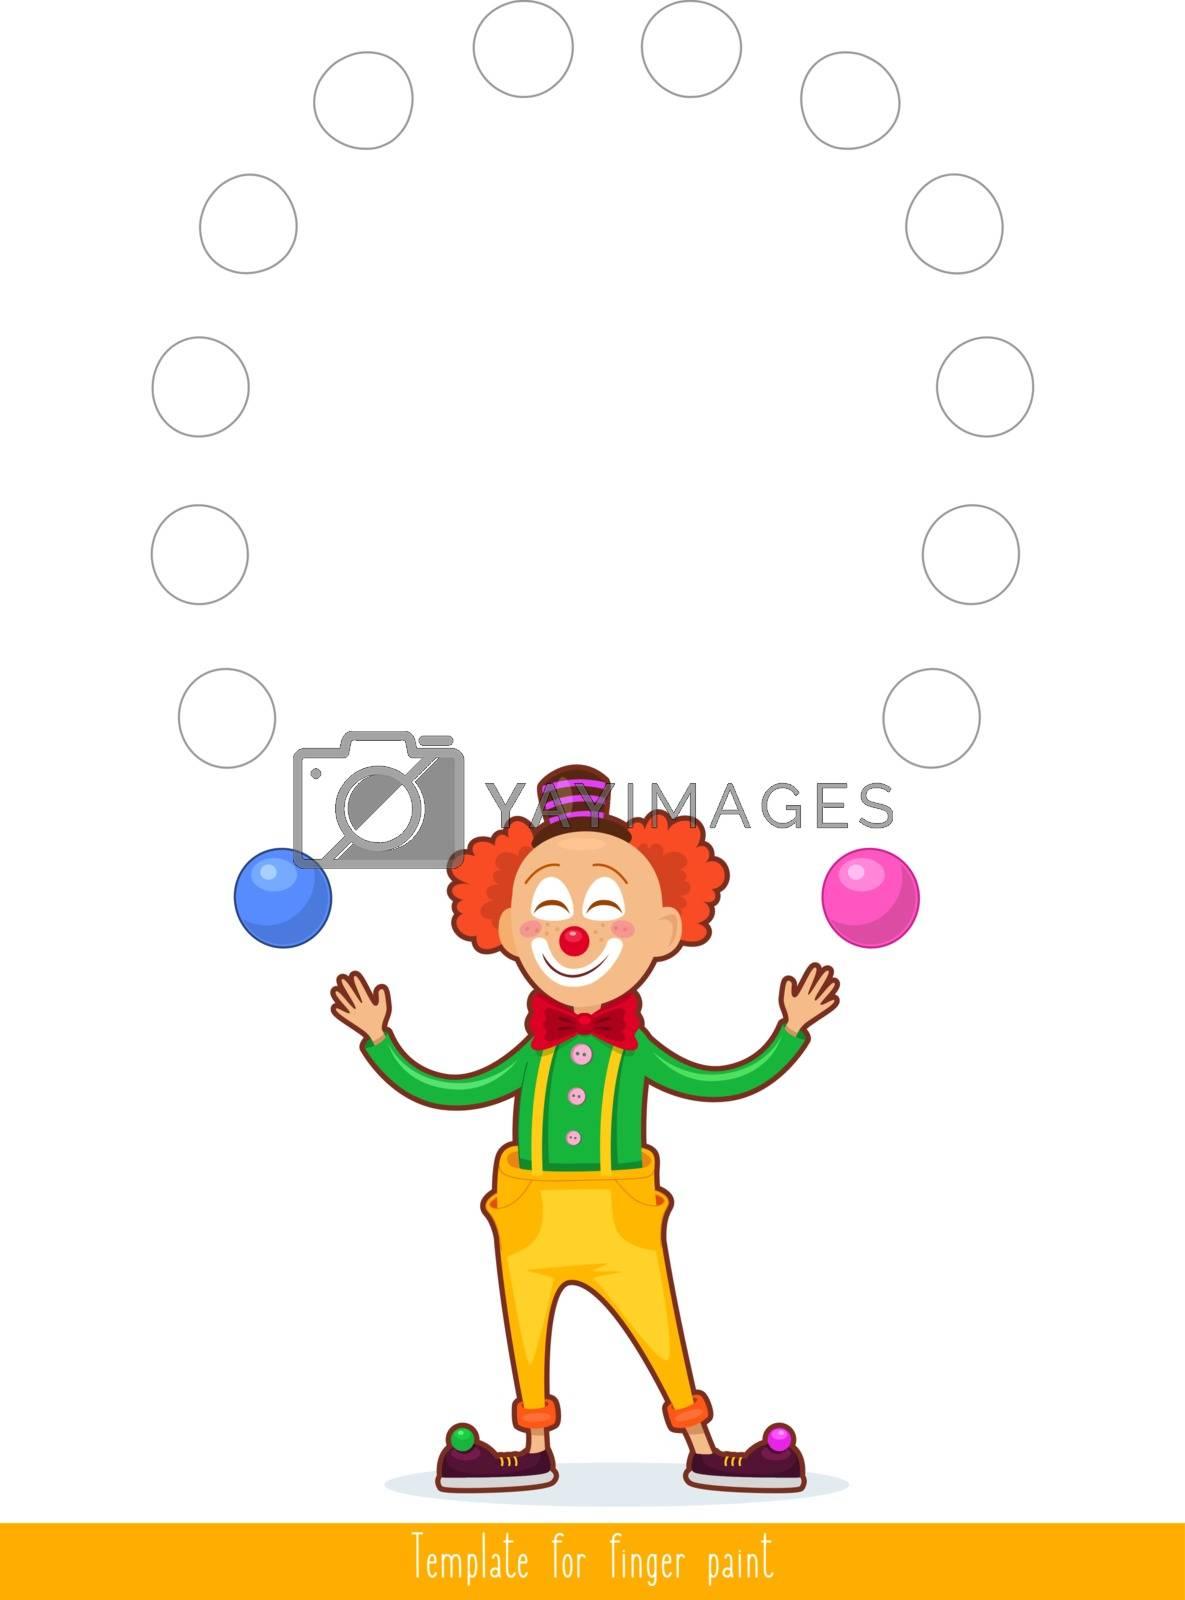 Template for finger paint. Printable for children's creativity. Vector illustration